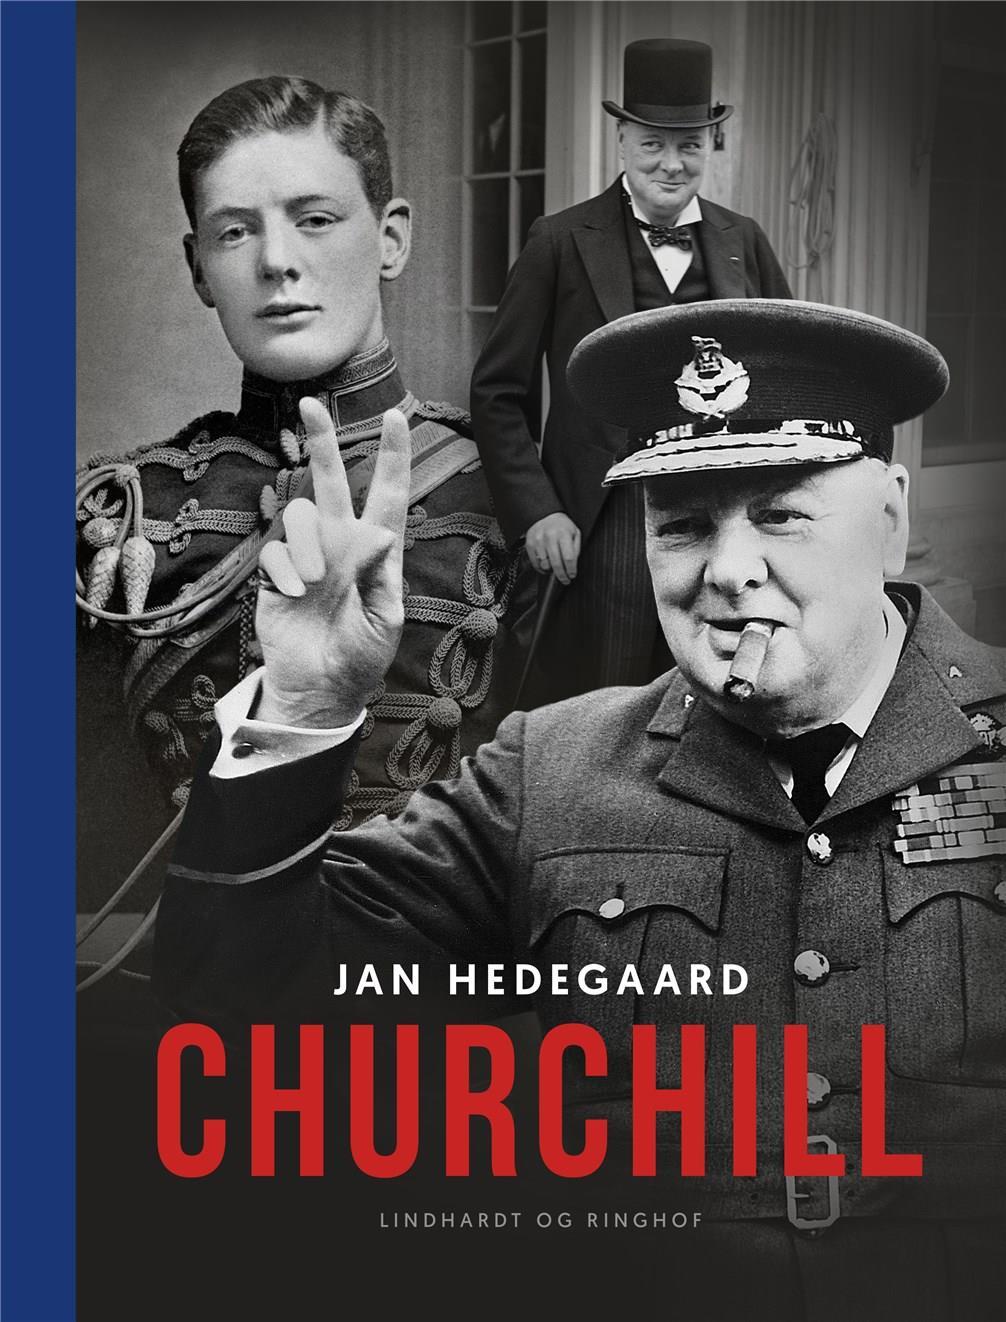 Churchill - Jan Hedegaard - Bøger - Lindhardt og Ringhof - 9788711982709 - 23/9-2020